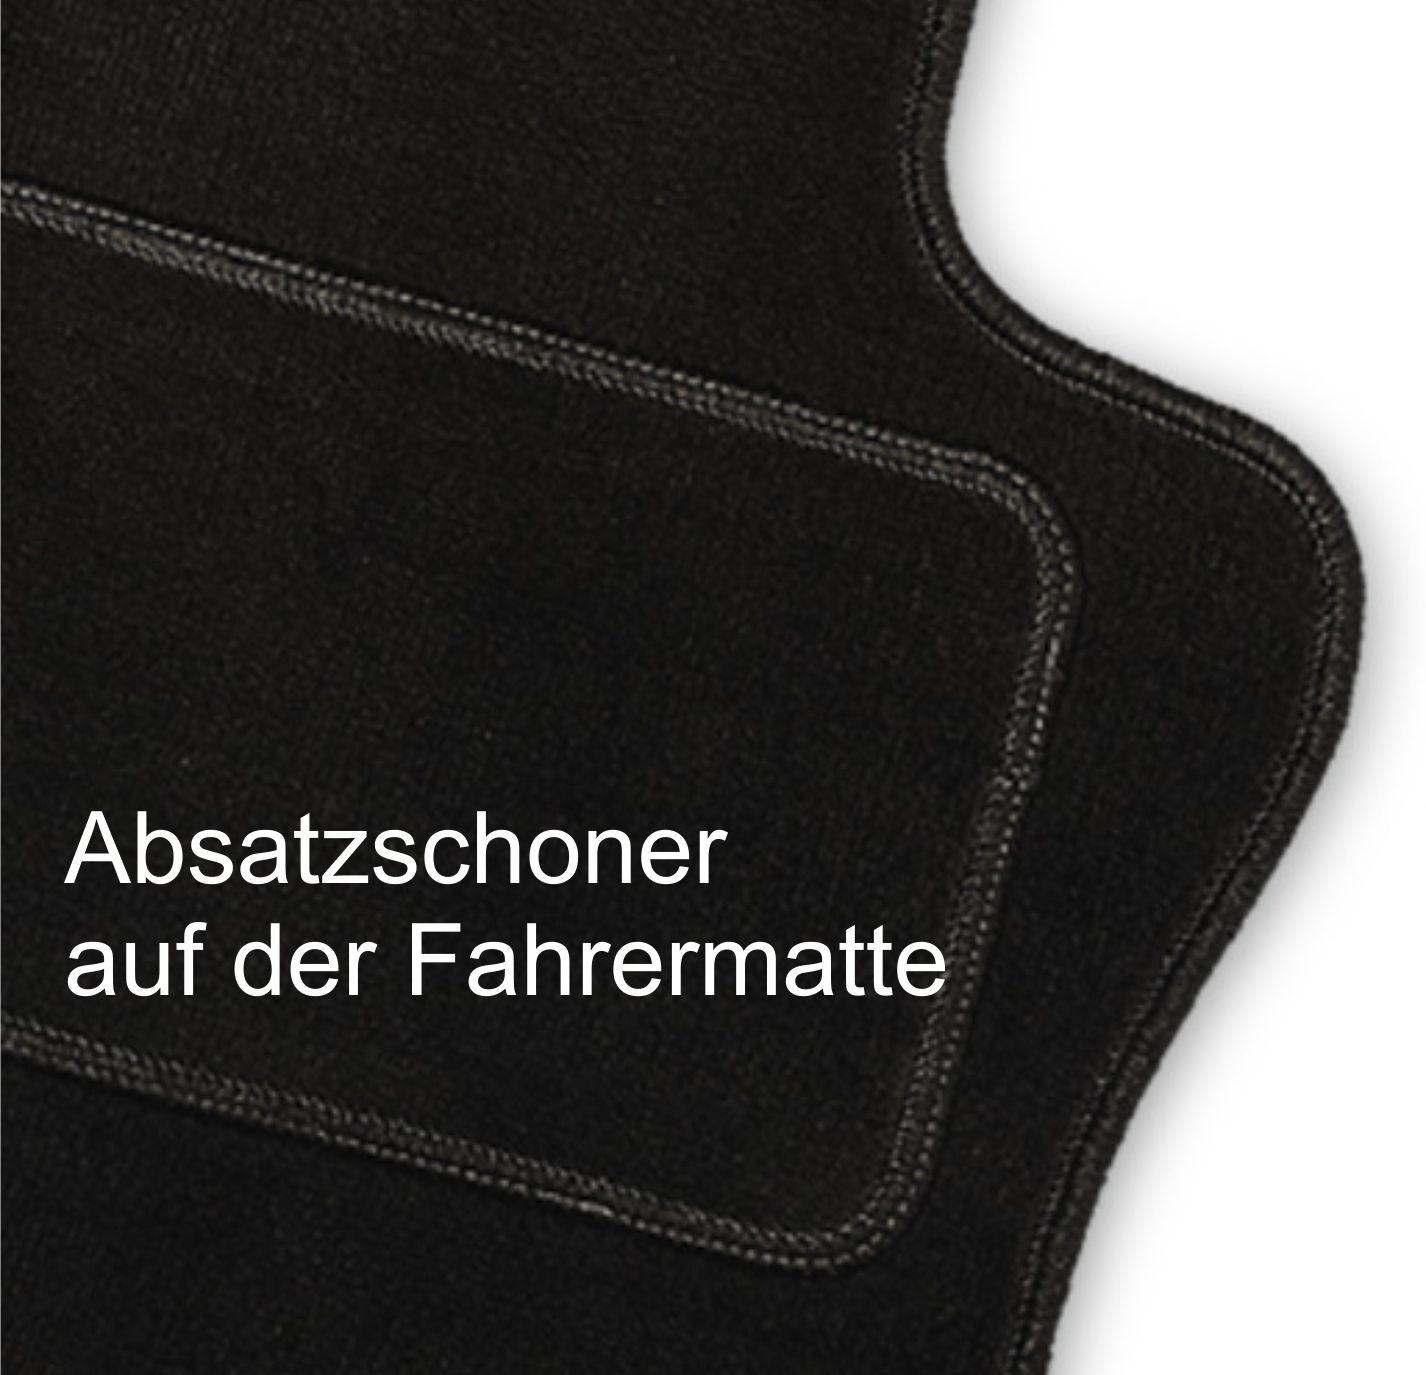 Fußmatten Logo Limited Edition Fiat 124 Spider ab 2016 Automatten Autoteppiche